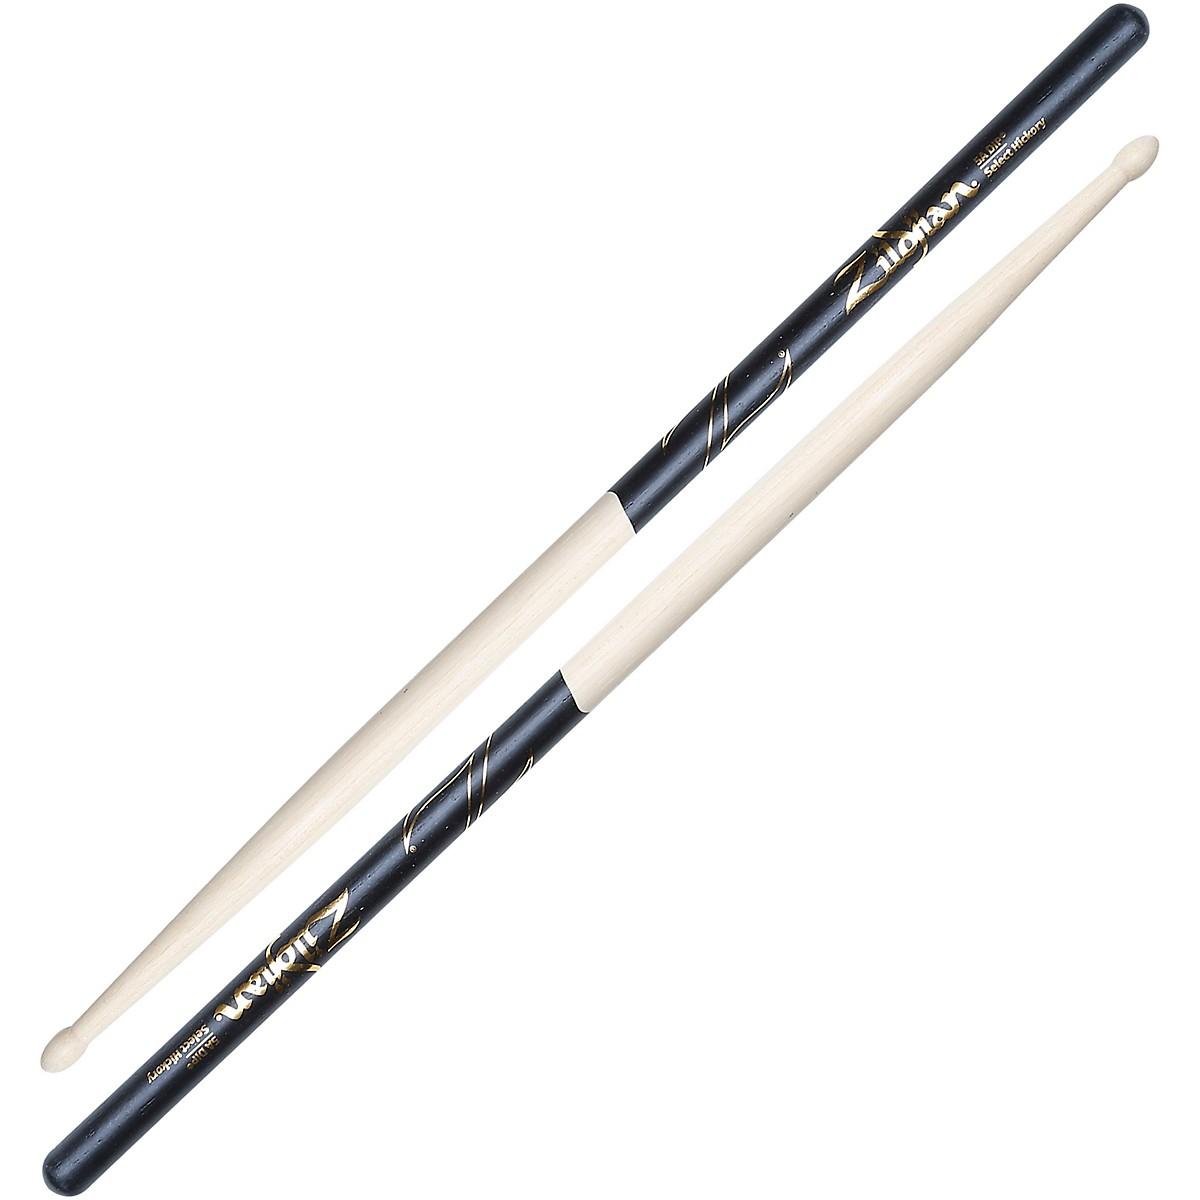 Zildjian DIP Drum Sticks - Black